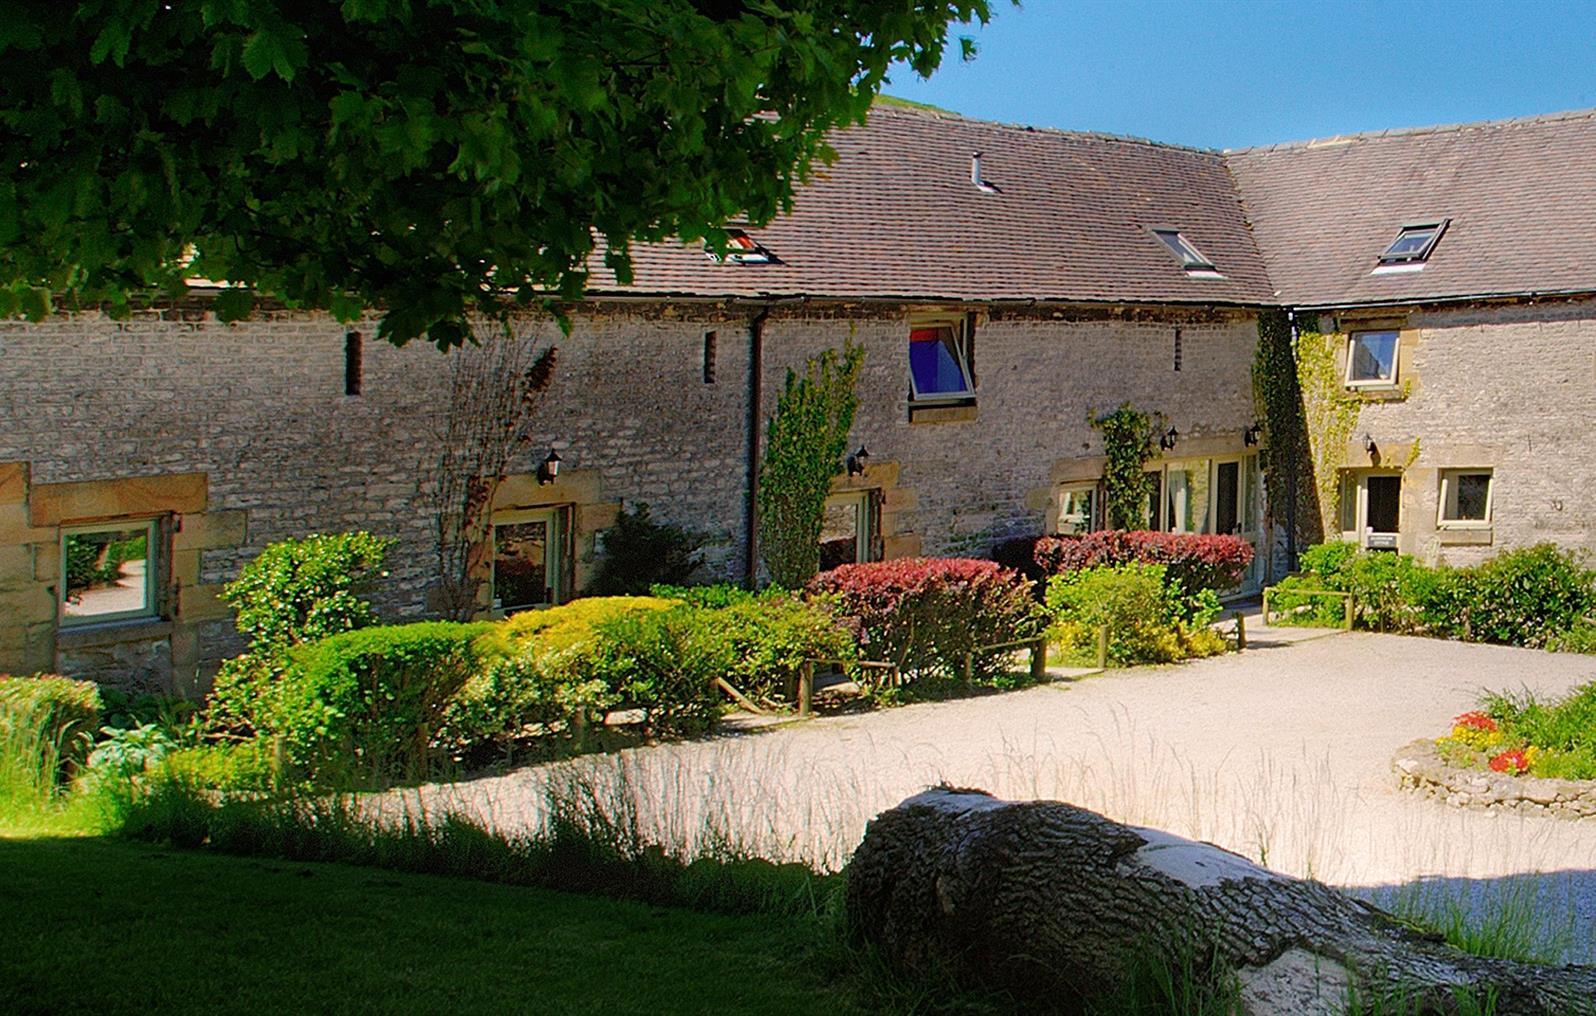 Superb cottages, fantastic location